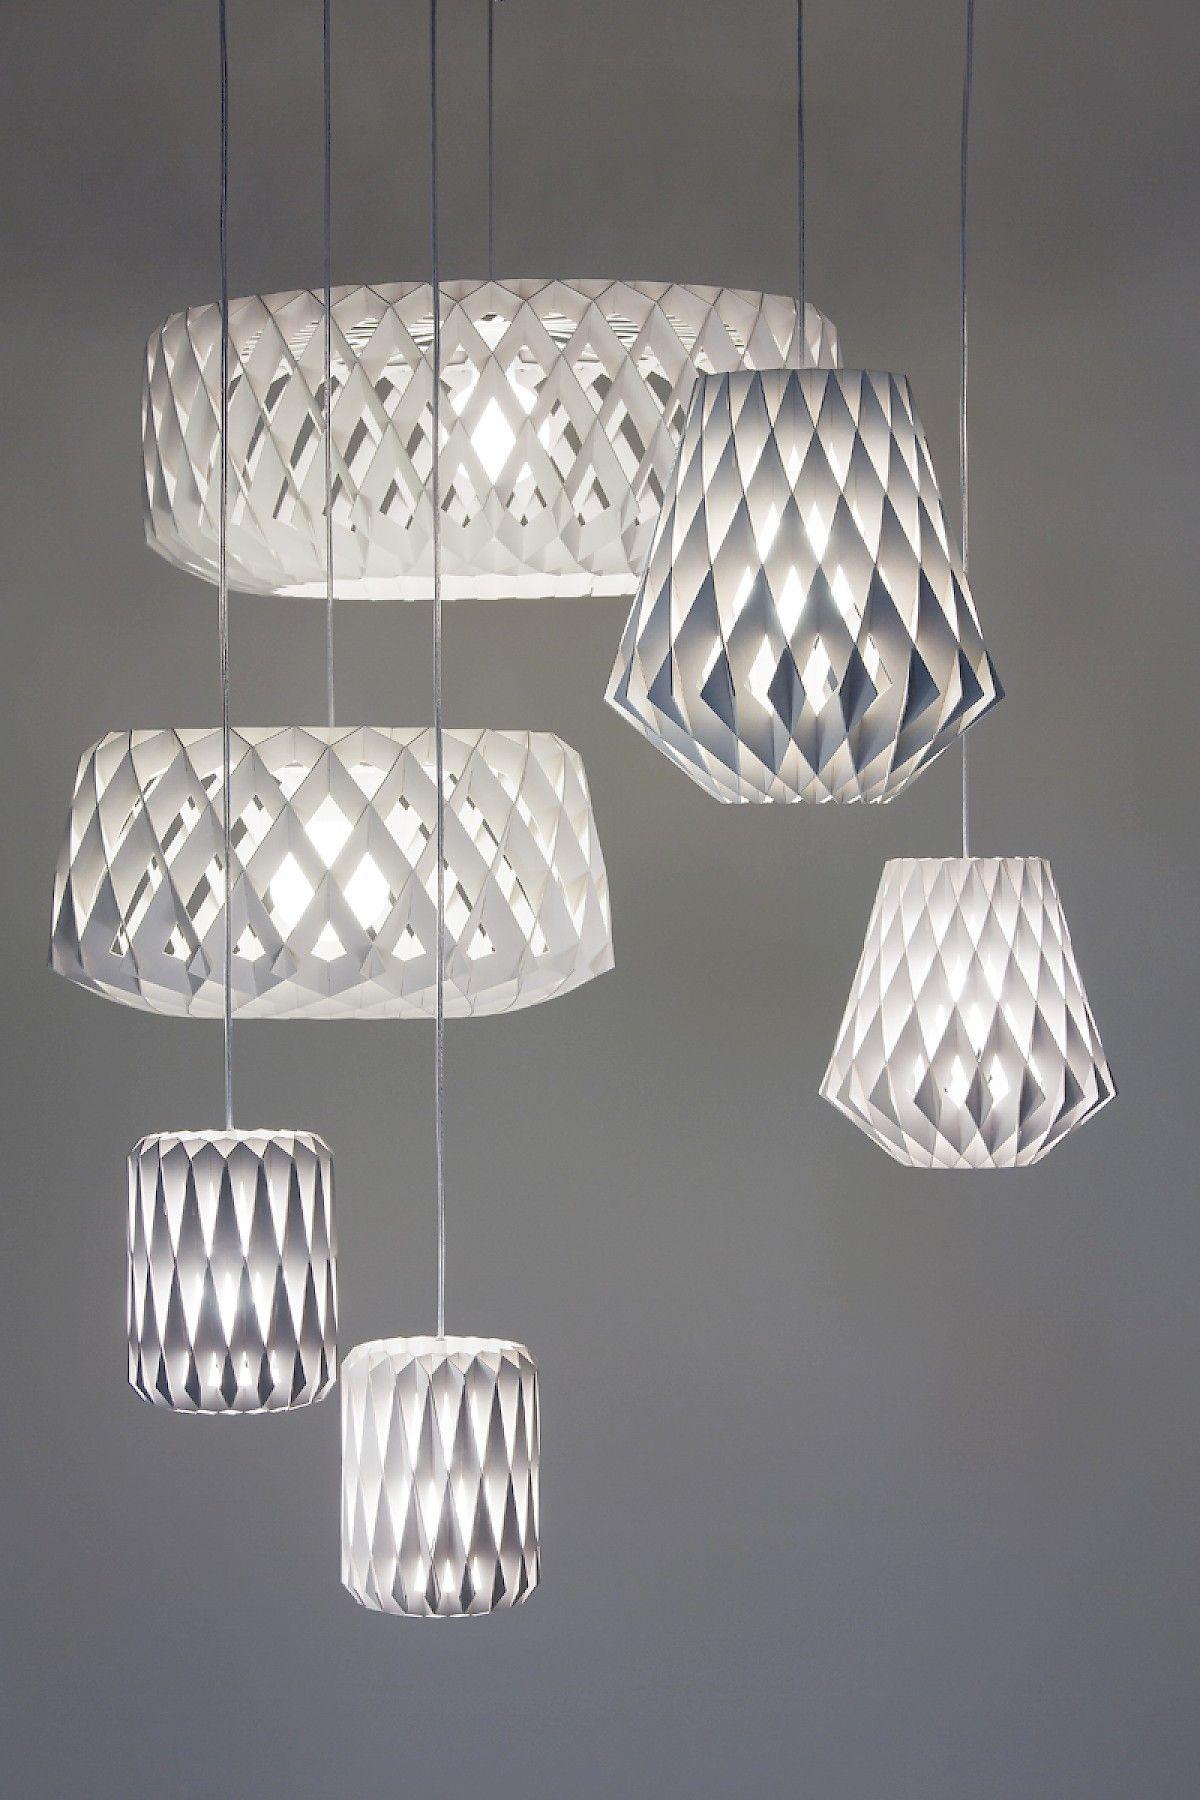 Mijn favoriet van Showroom Finland, lamp Pilke. Uitgebreide lijn. Past in verschillende interieurstijlen.